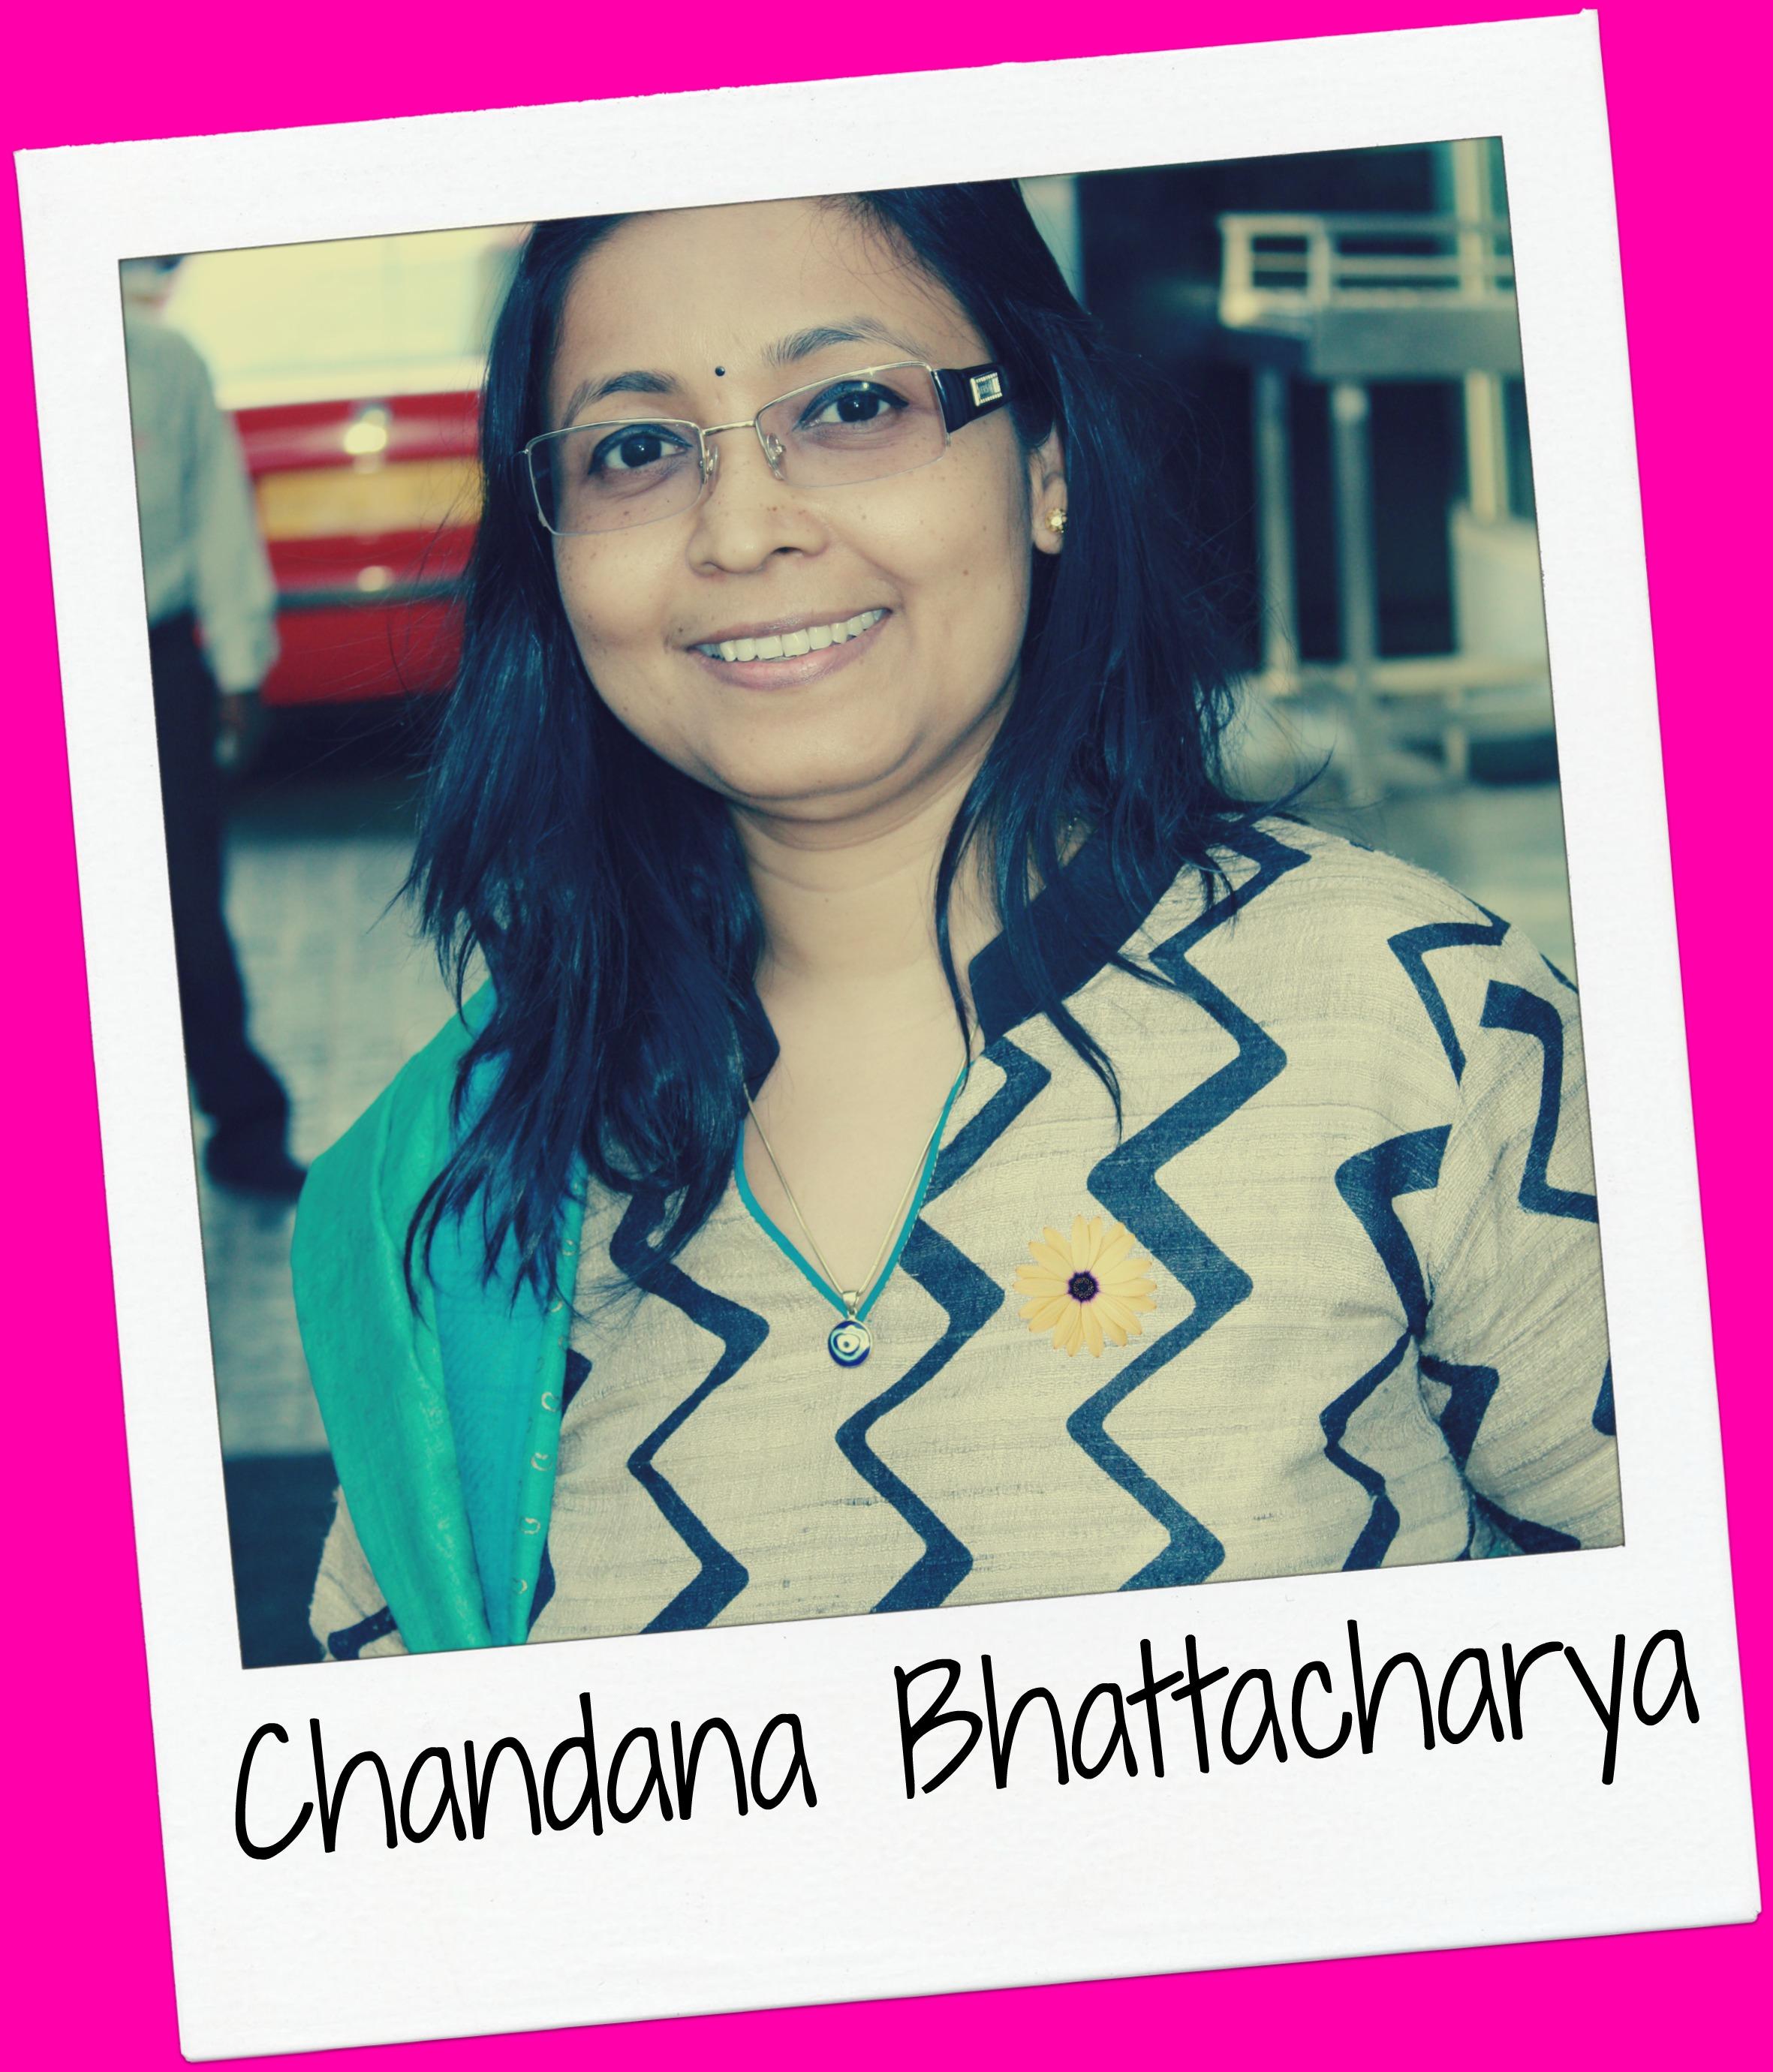 Chandana Bhattacharya